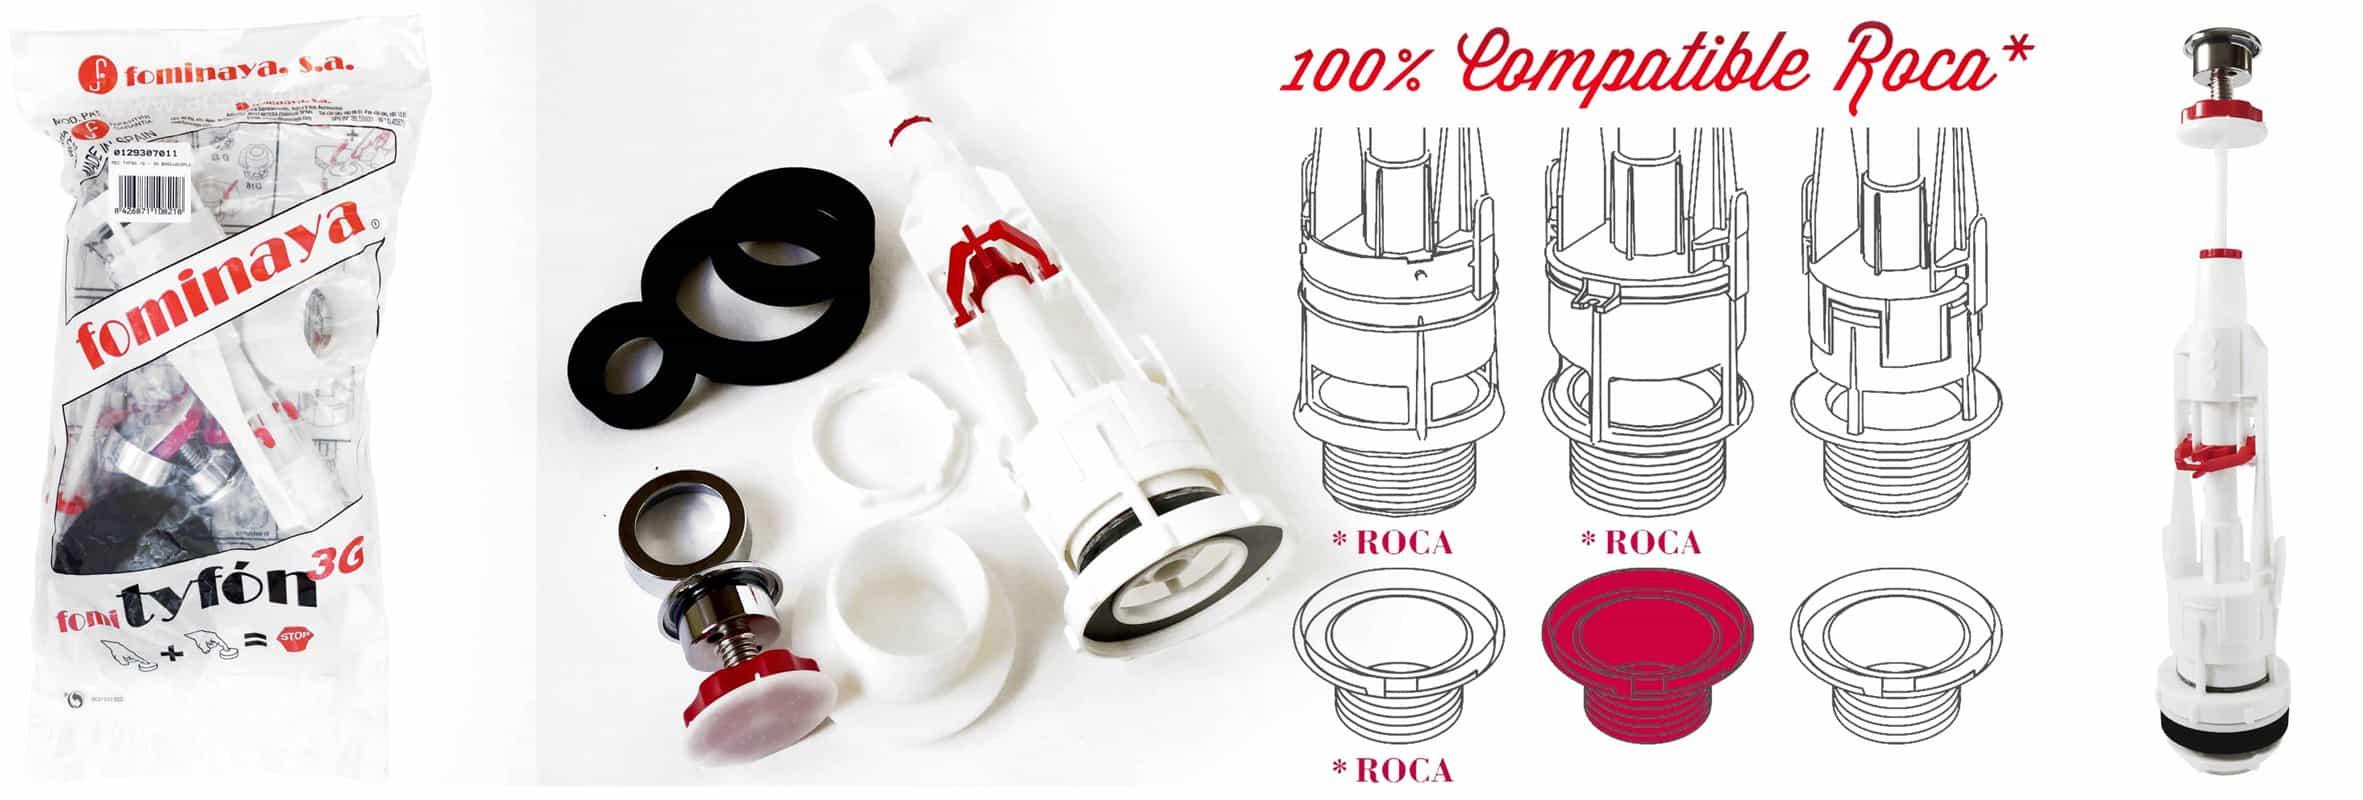 Fominaya tyf n 3g 10 mecanismo descargador cisterna con for Accesorios de bano roca precios